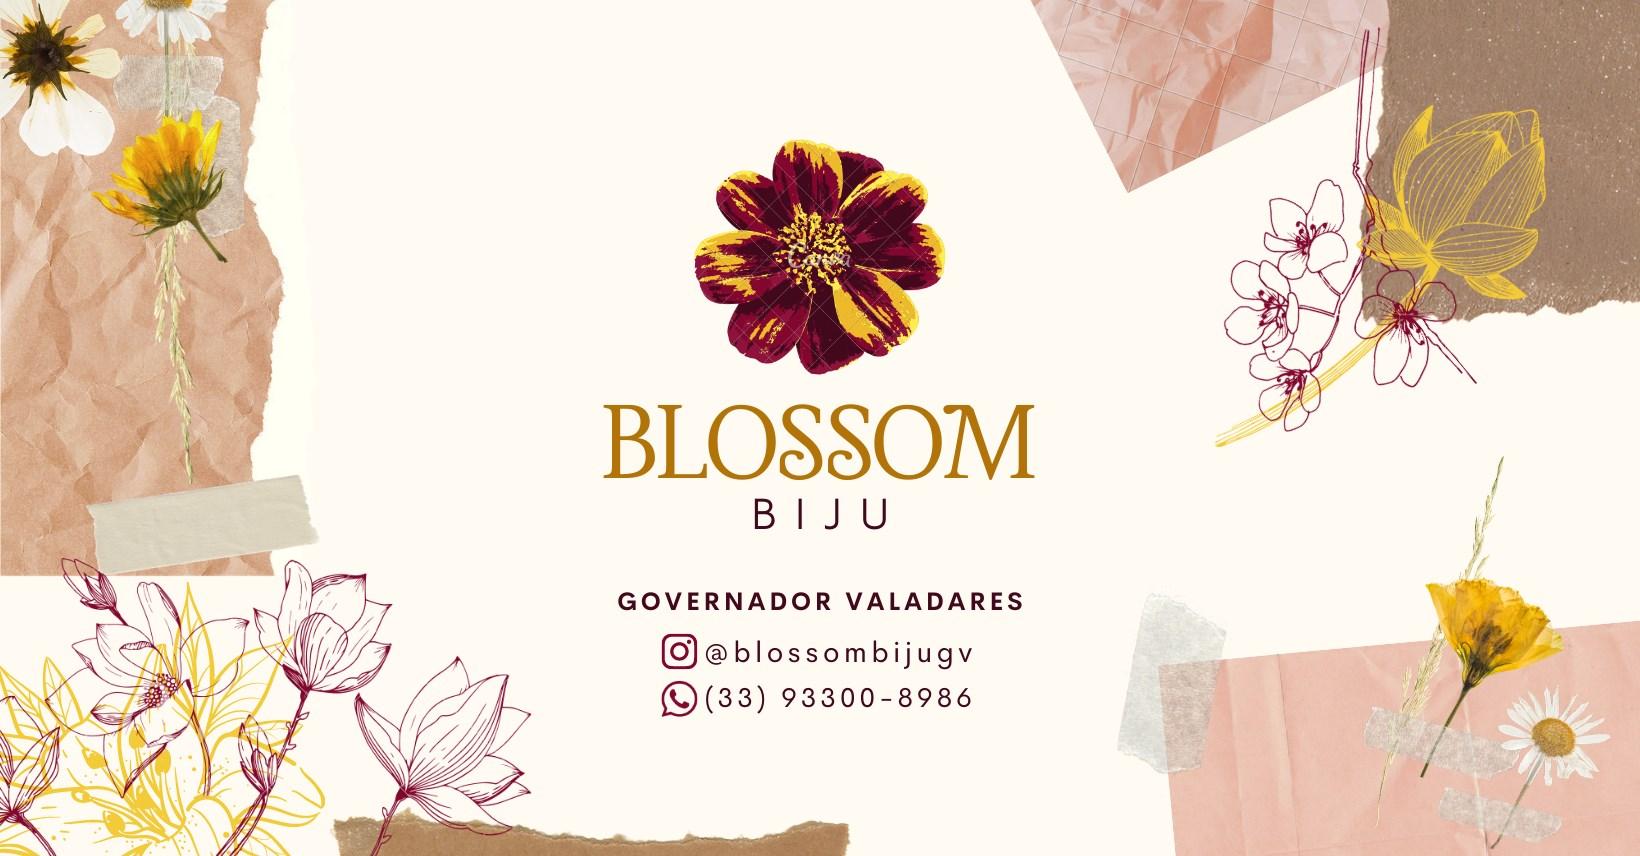 Blossom Biju